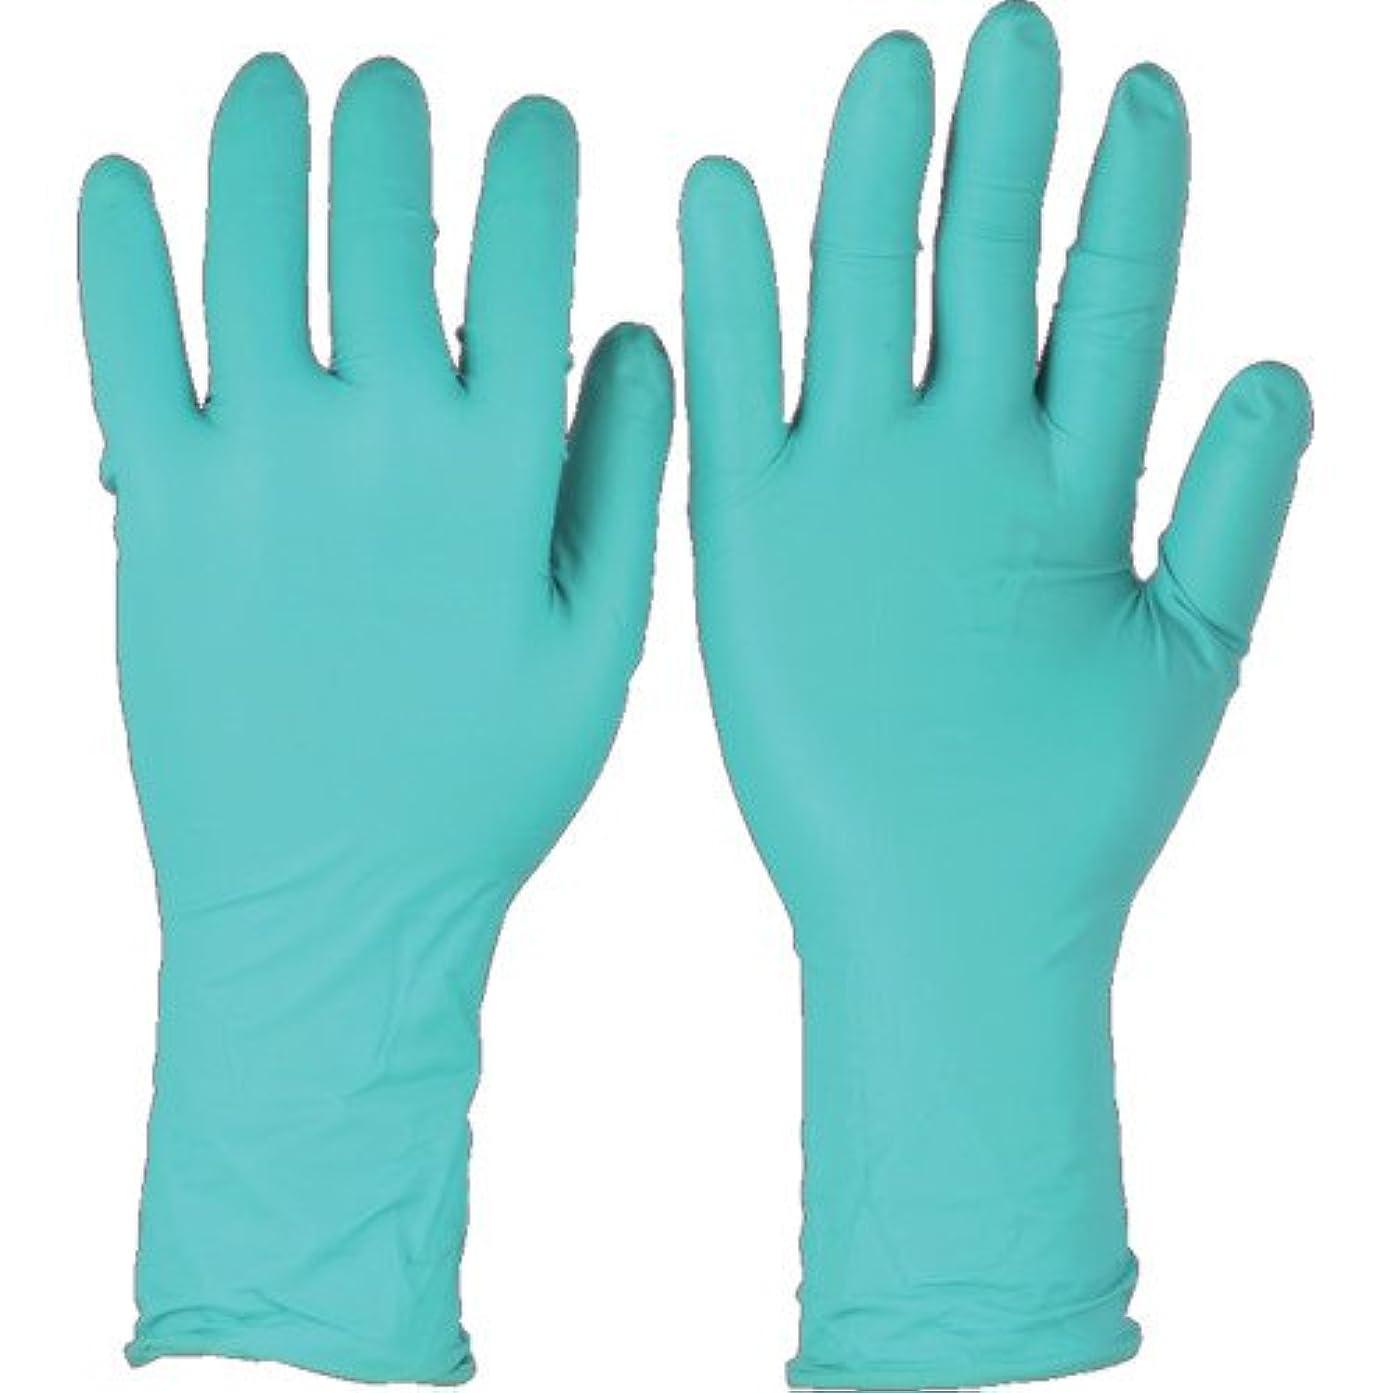 慣習定義セージトラスコ中山 アンセル ネオプレンゴム使い捨て手袋 マイクロフレックス 93-260 Sサイズ (50枚入)  932607